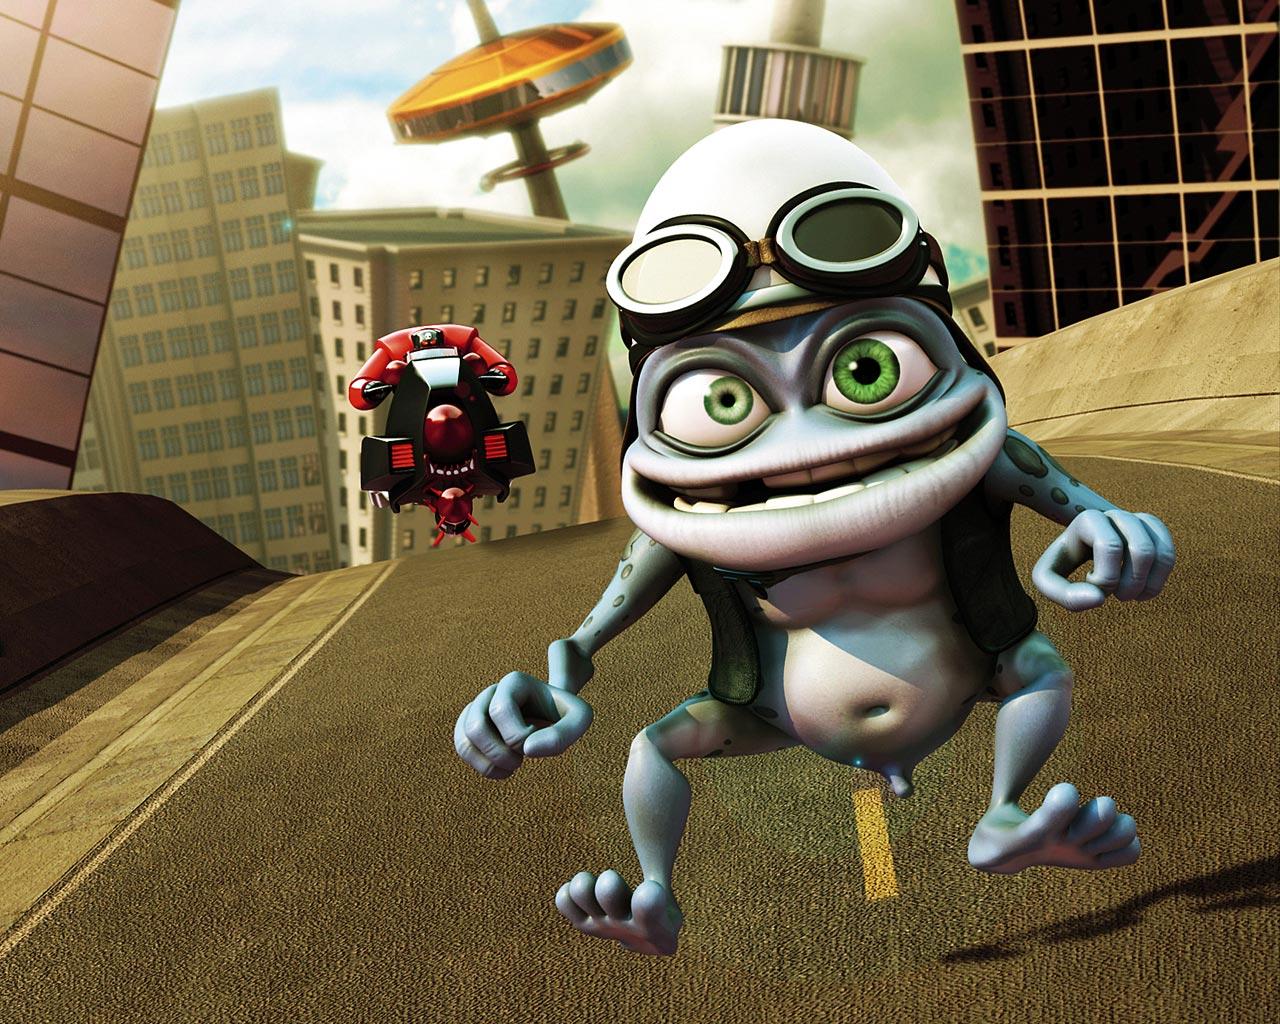 حصريا اغنية 1001 nights لcrazy frog و يستمر